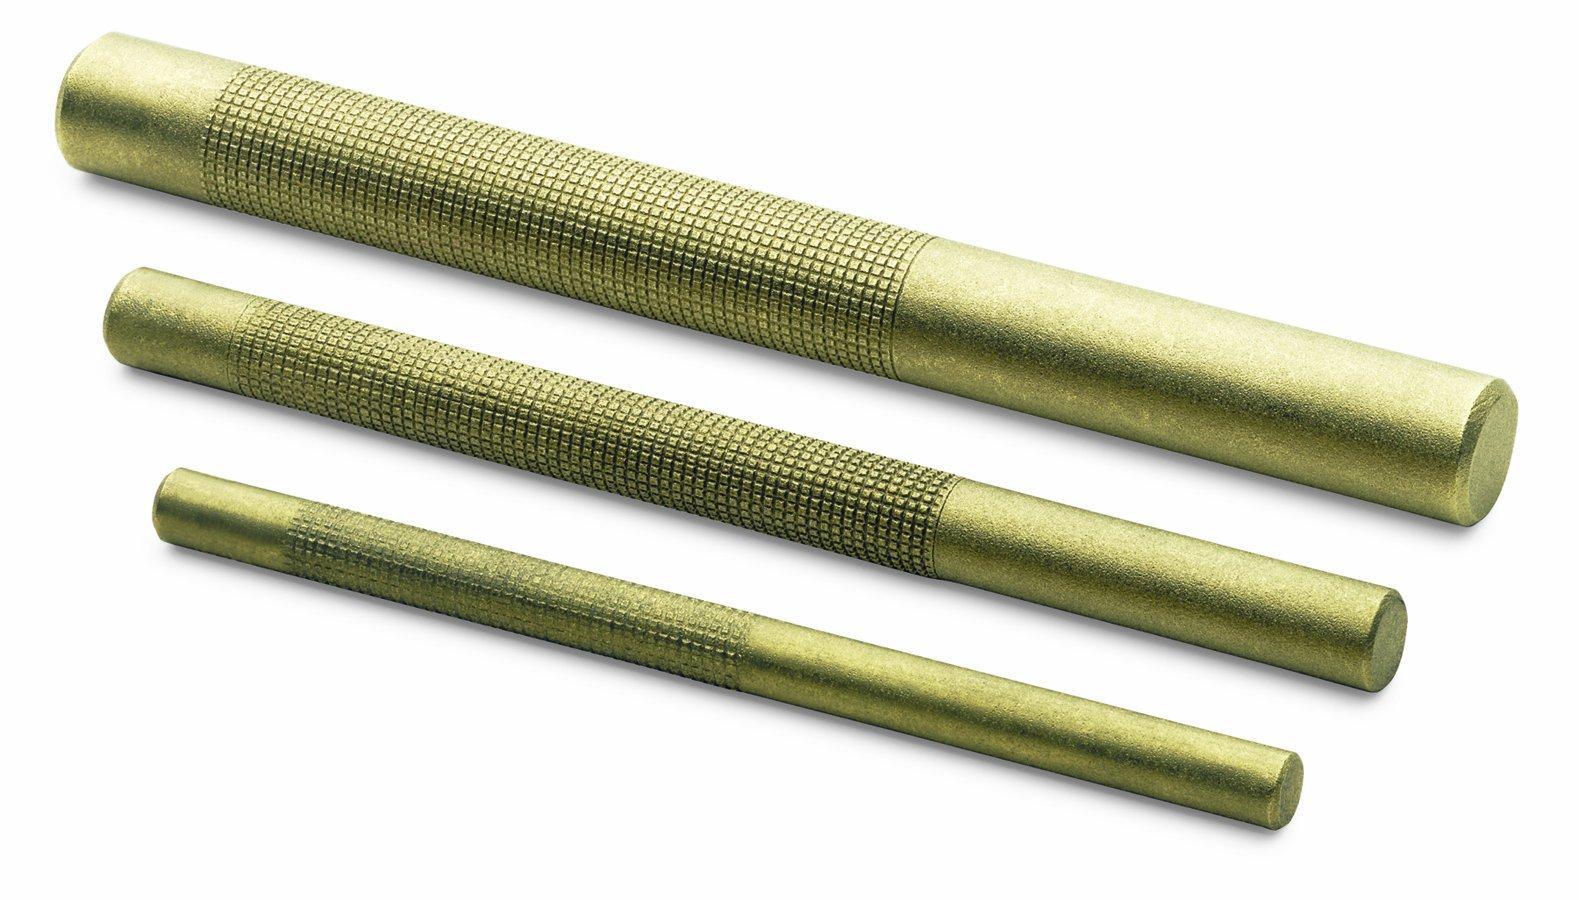 SK Hand Tool 6323 Drift Punch Set, Brass, 3-Piece